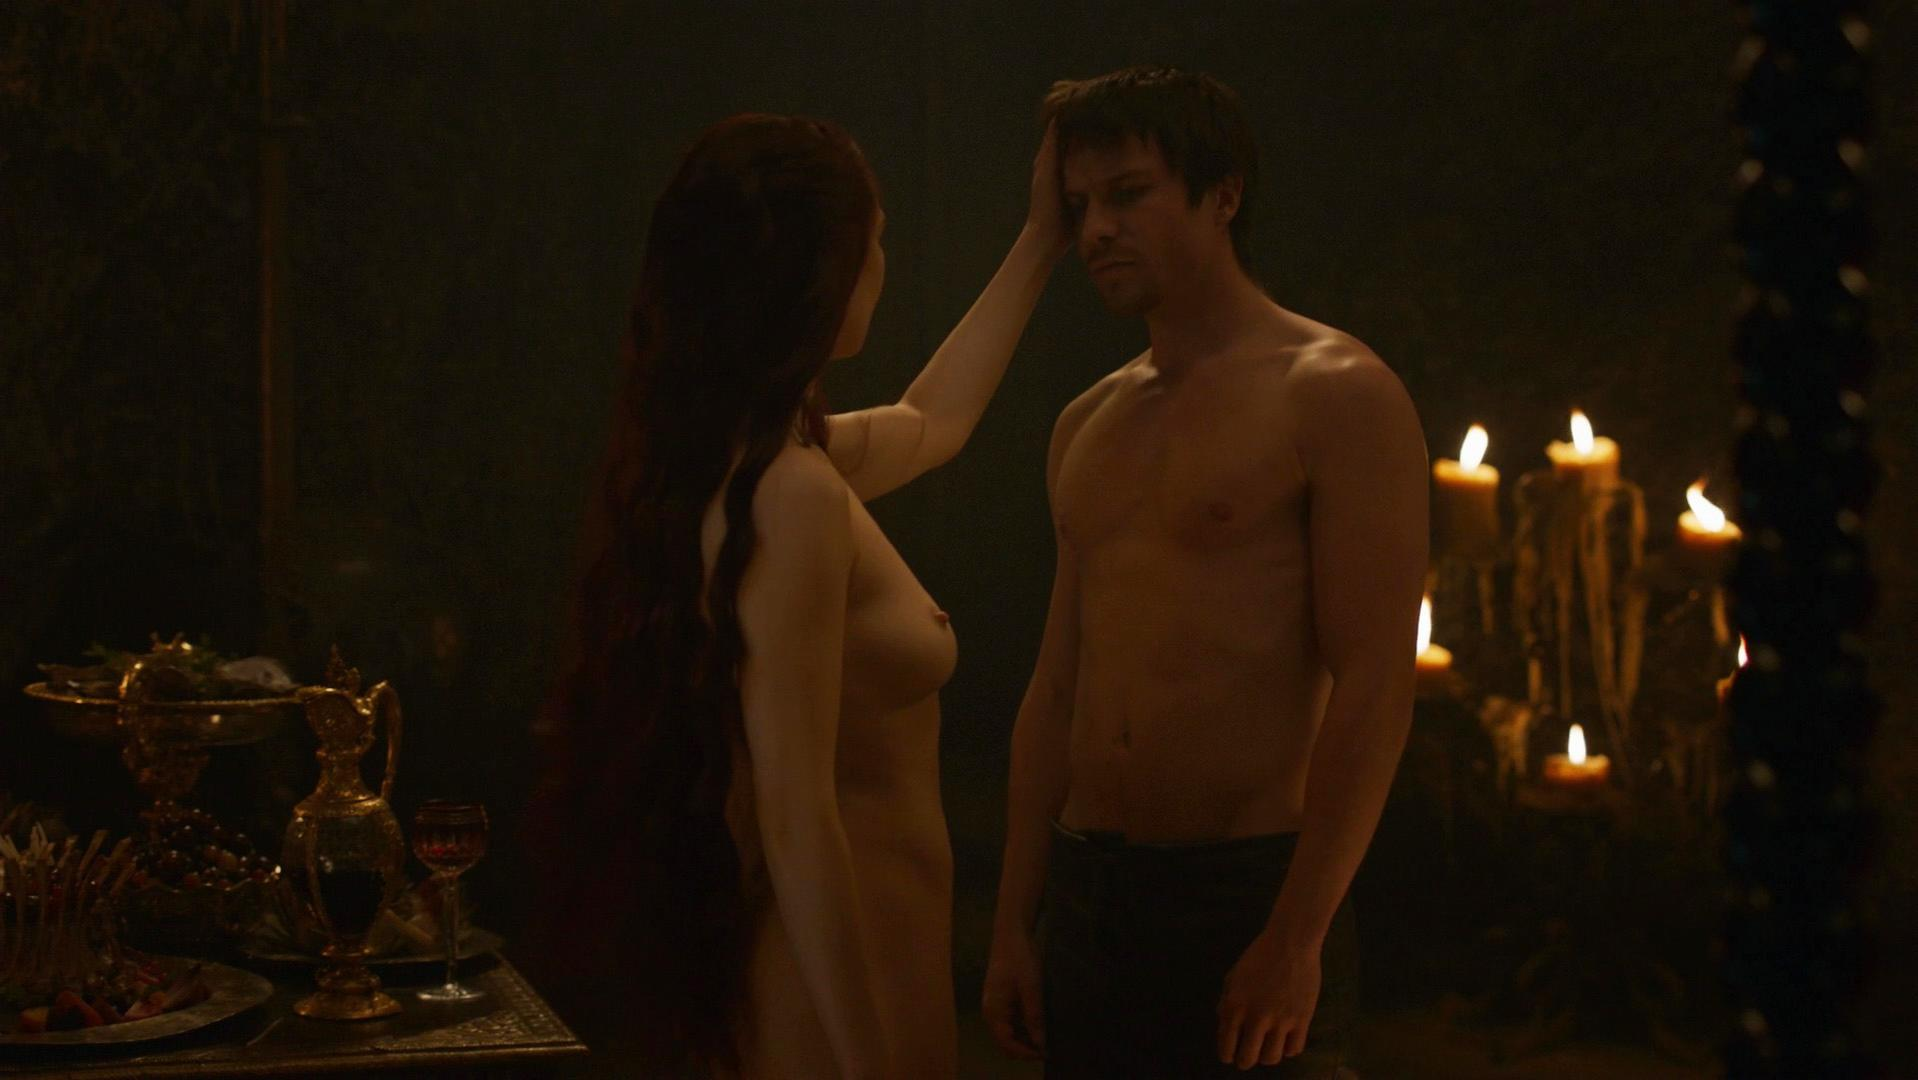 Carice van Houten nude - Game of Thrones s03e08 (2013)